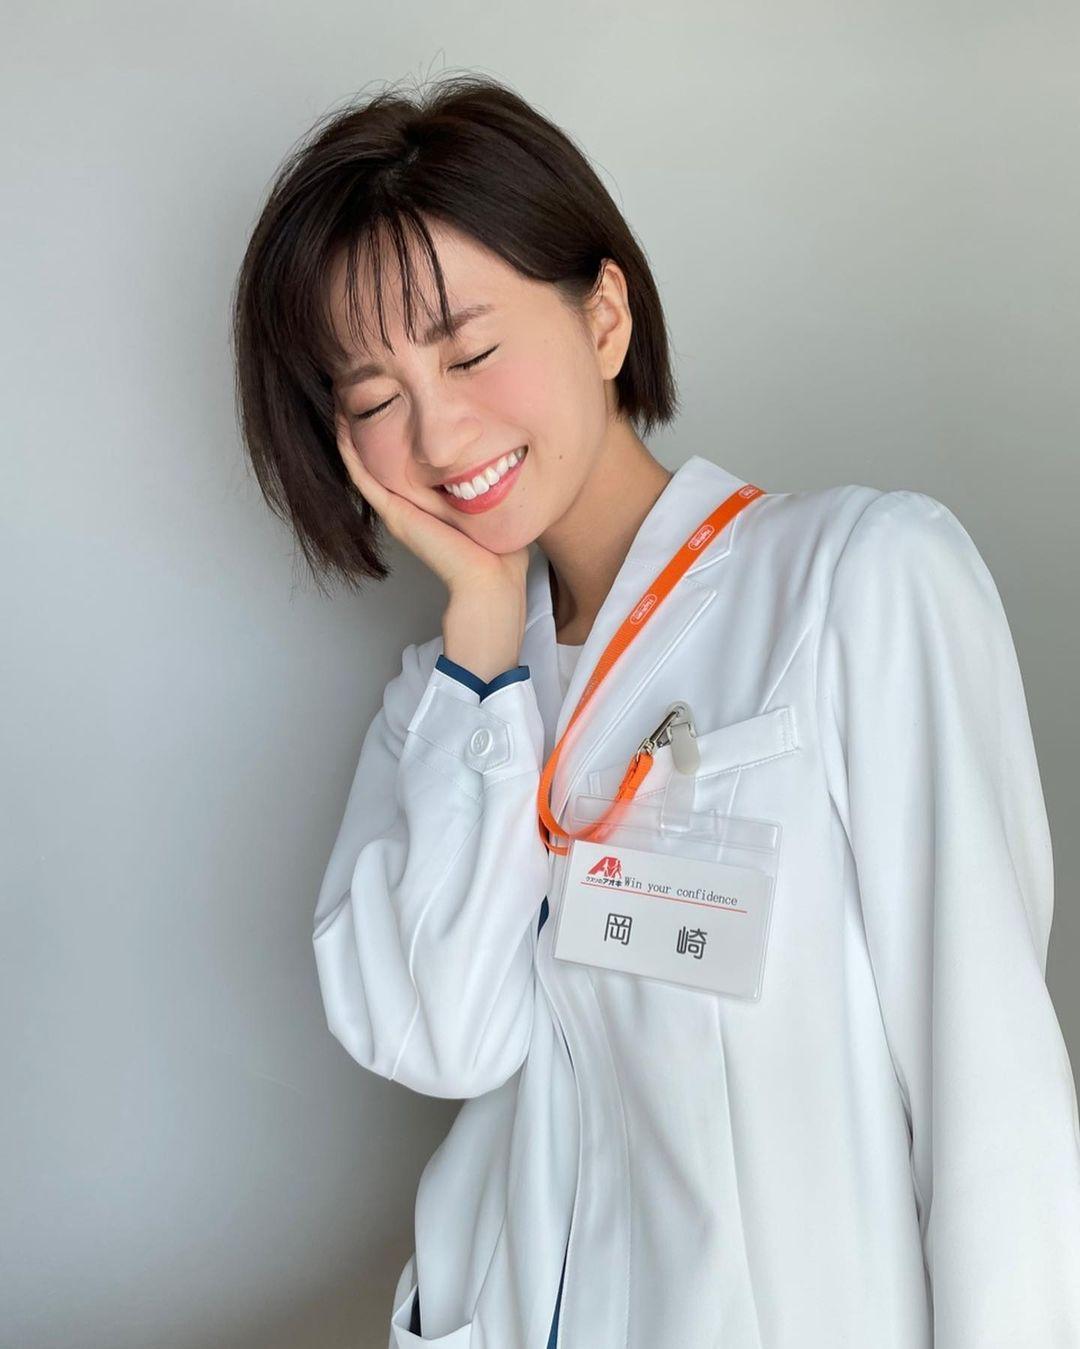 日系时尚杂志模特冈崎纱绘清甜笑容亲和力十足完全就是女友理想型 网络美女 第21张